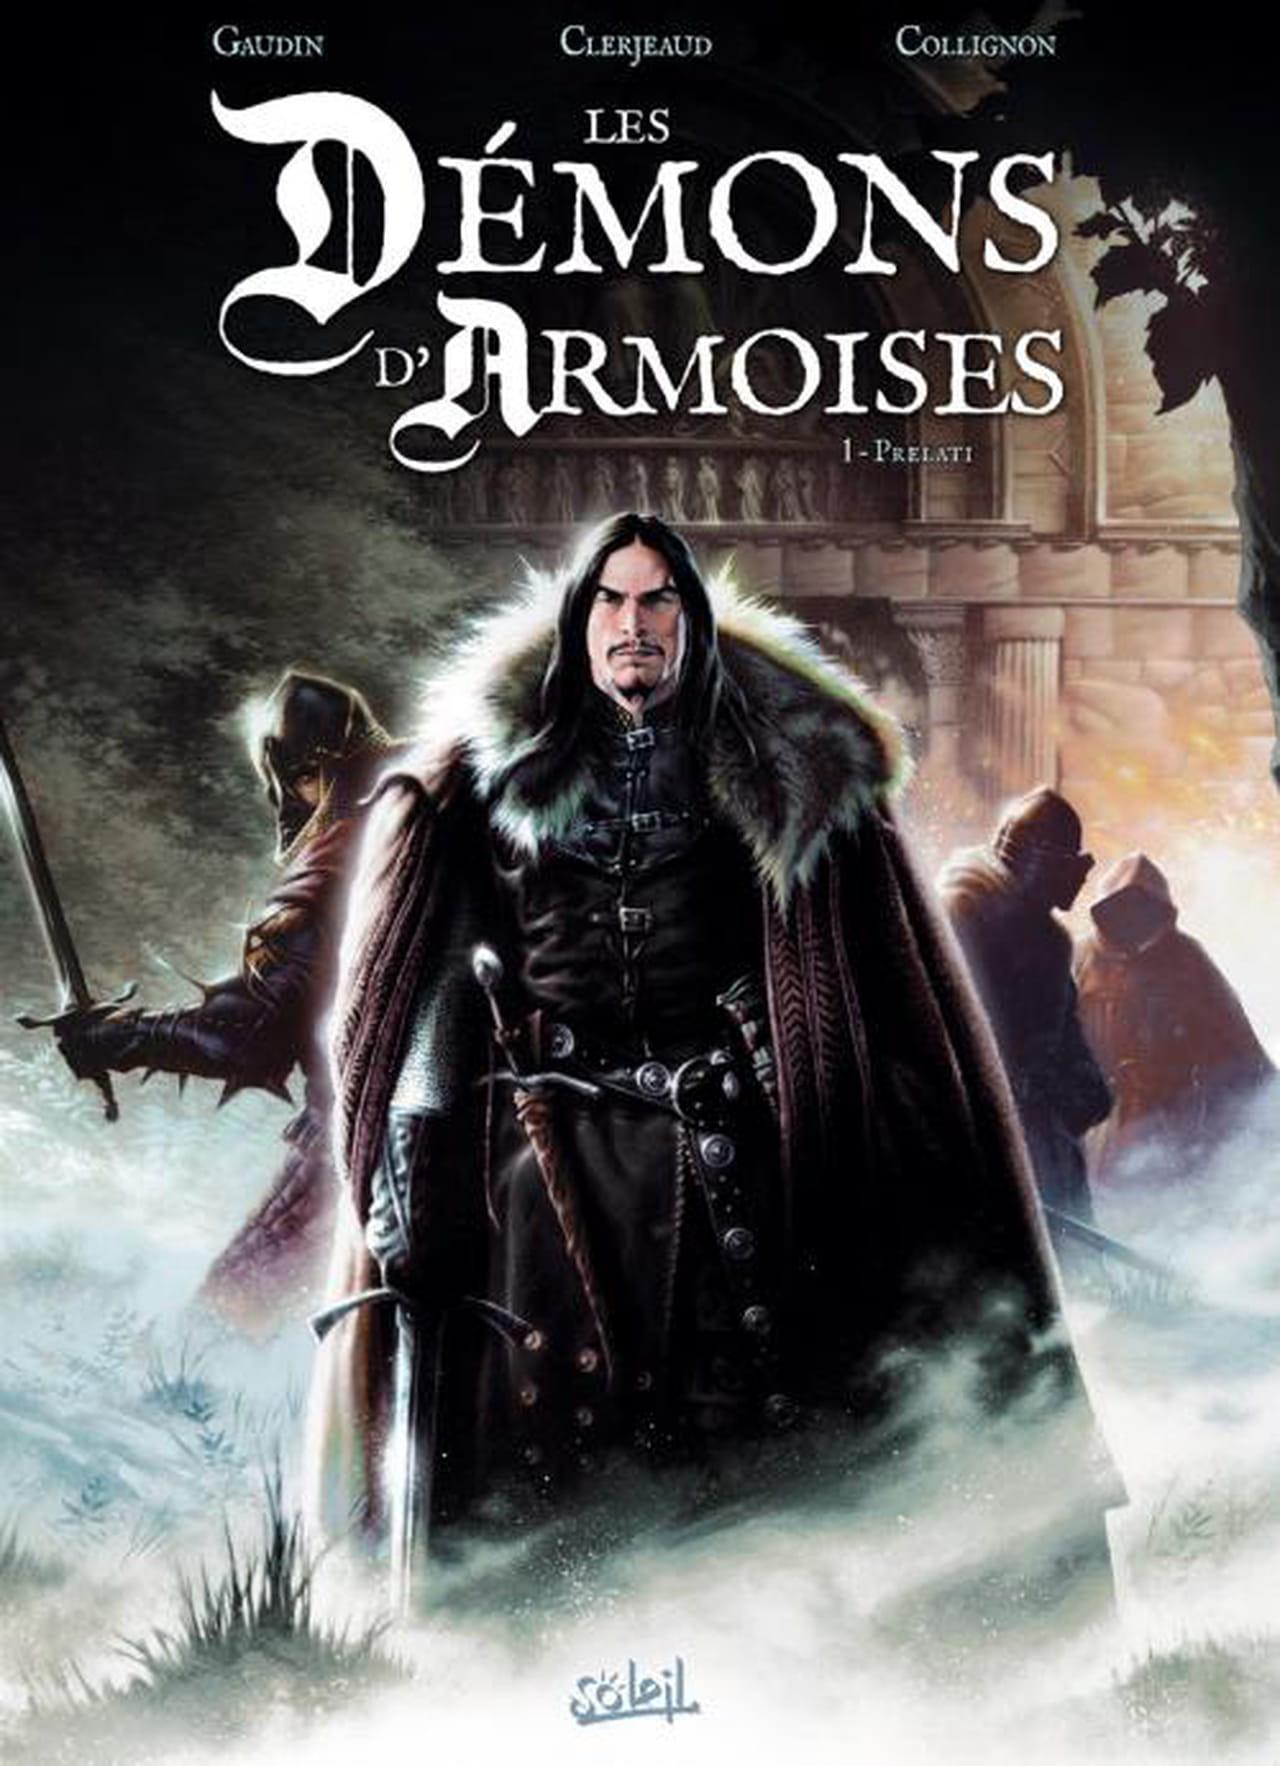 Les démons d'armoises : le démon détournant l'histoire à encore ...